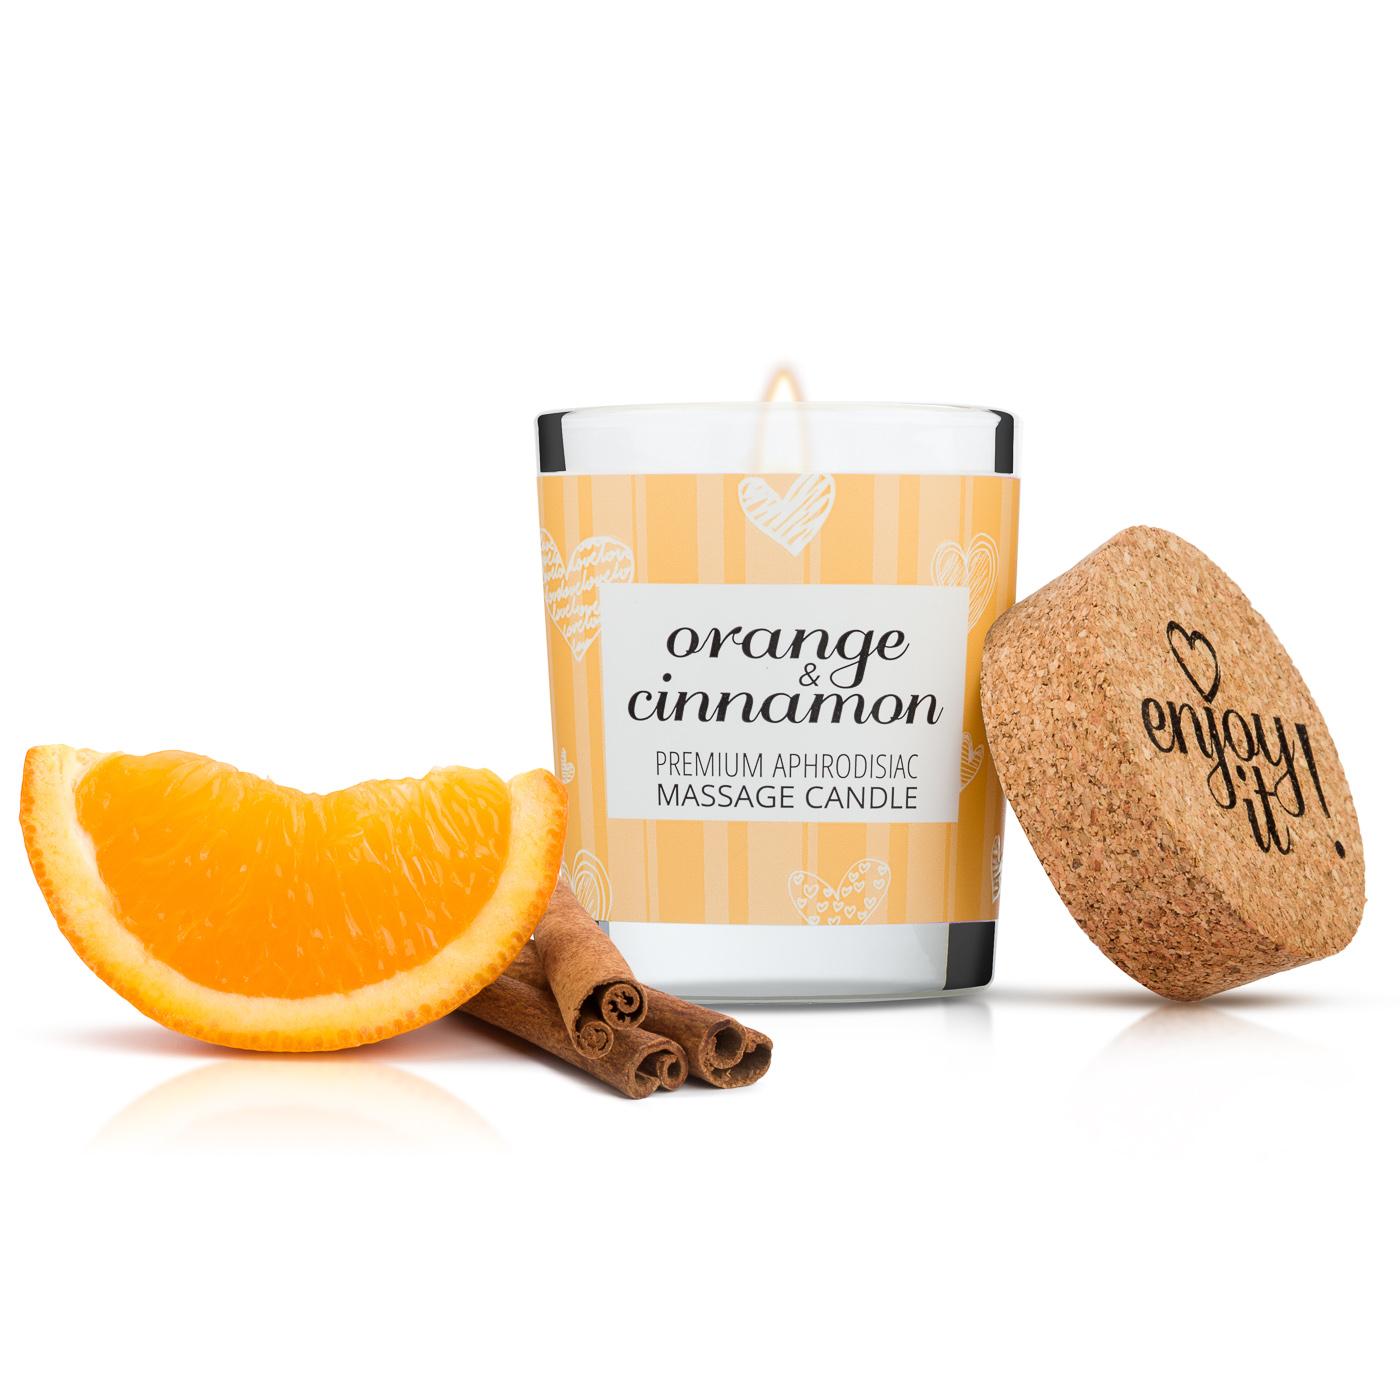 Masážní svíčka MAGNETIFICO Enjoy it! - Orange and cinnamon 9